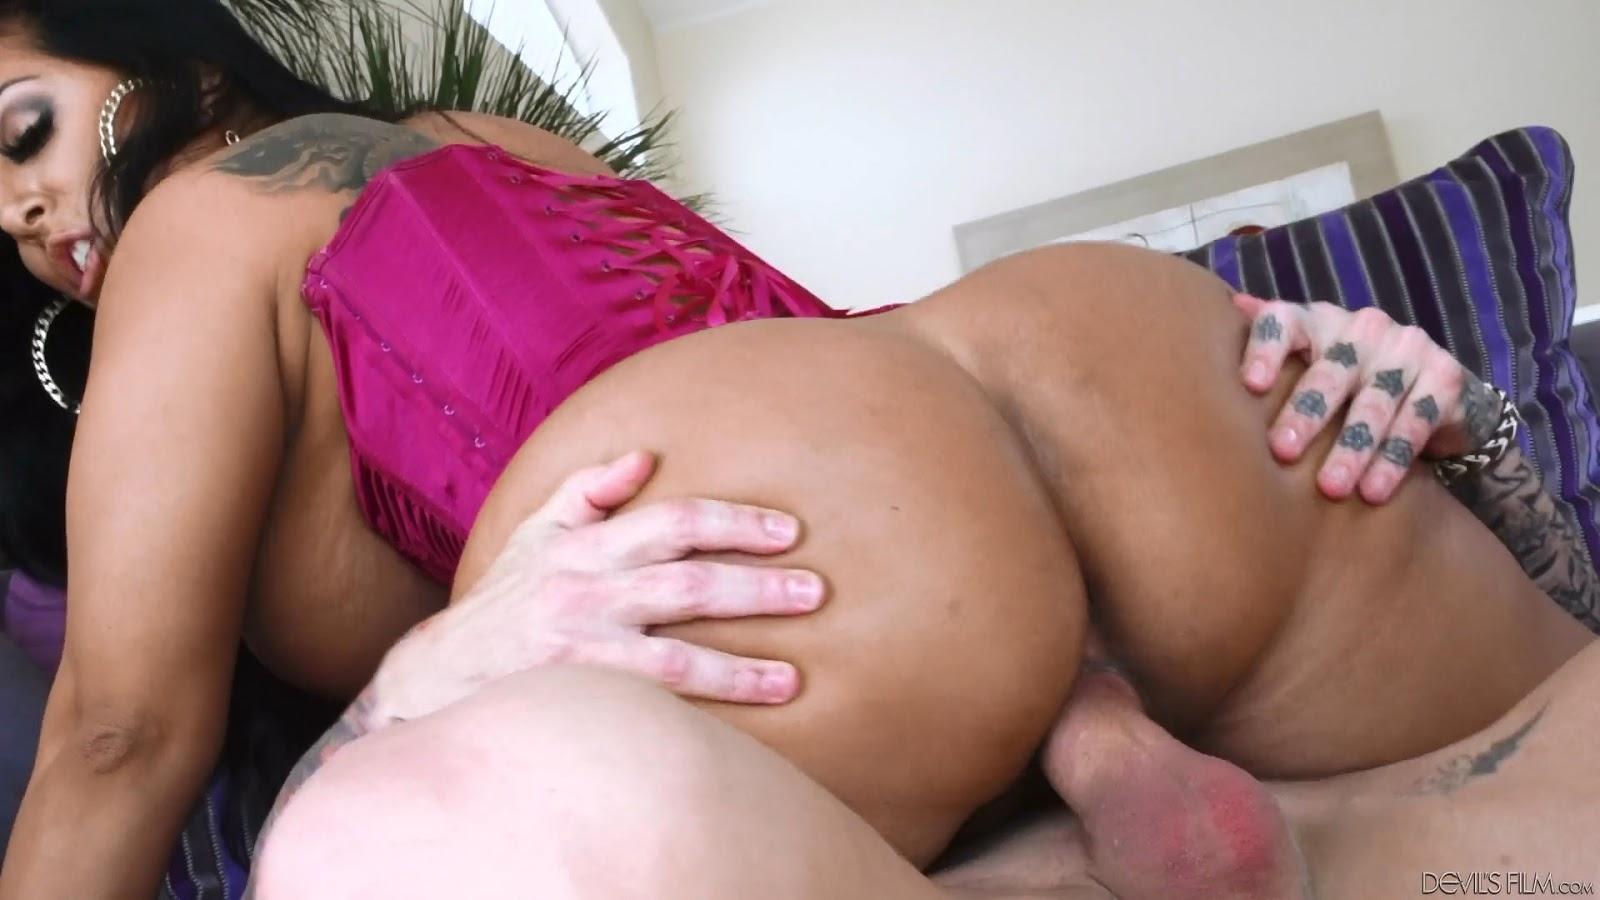 hd-smotret-porno-popki-zvezdi